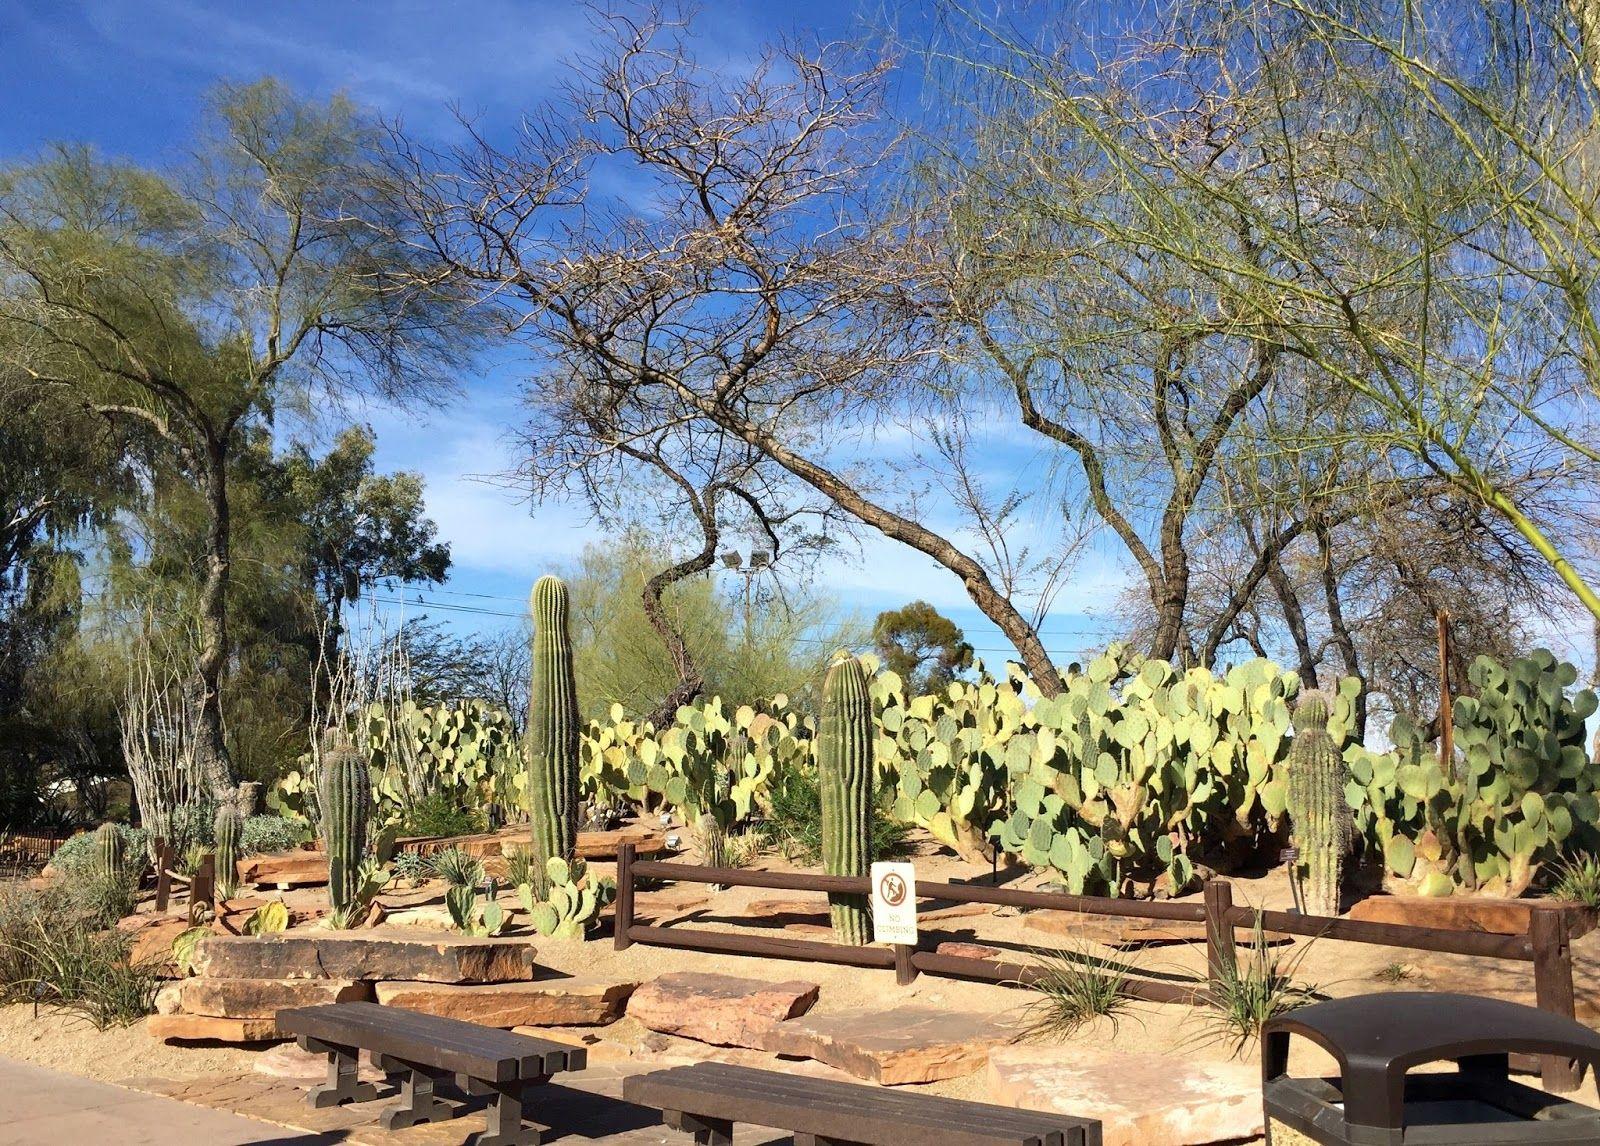 The Ethel M Chocolate Factory S Botanical Cactus Garden Cactus Garden Beautiful Gardens Desert Garden